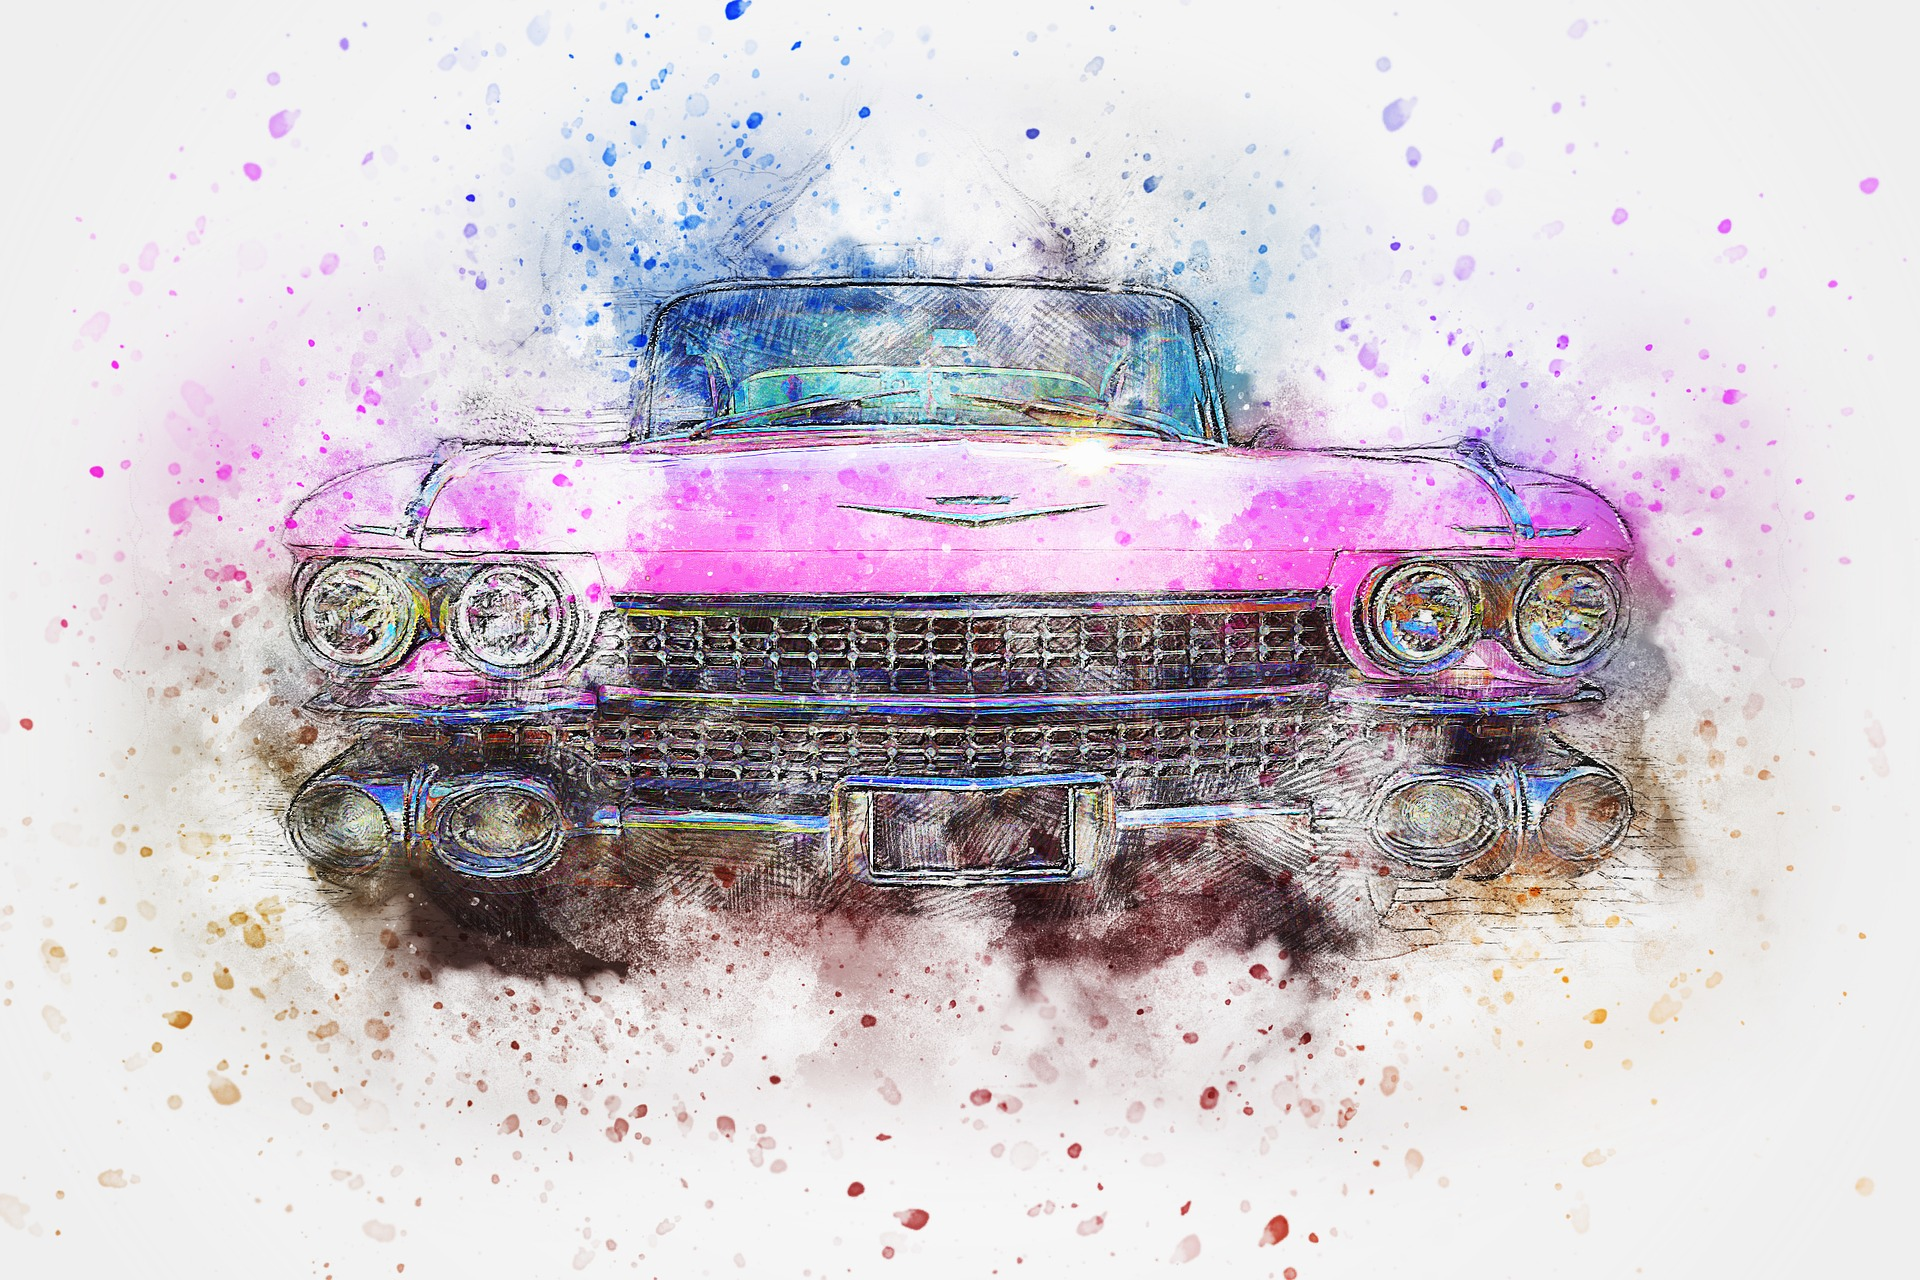 car-2483088_1920